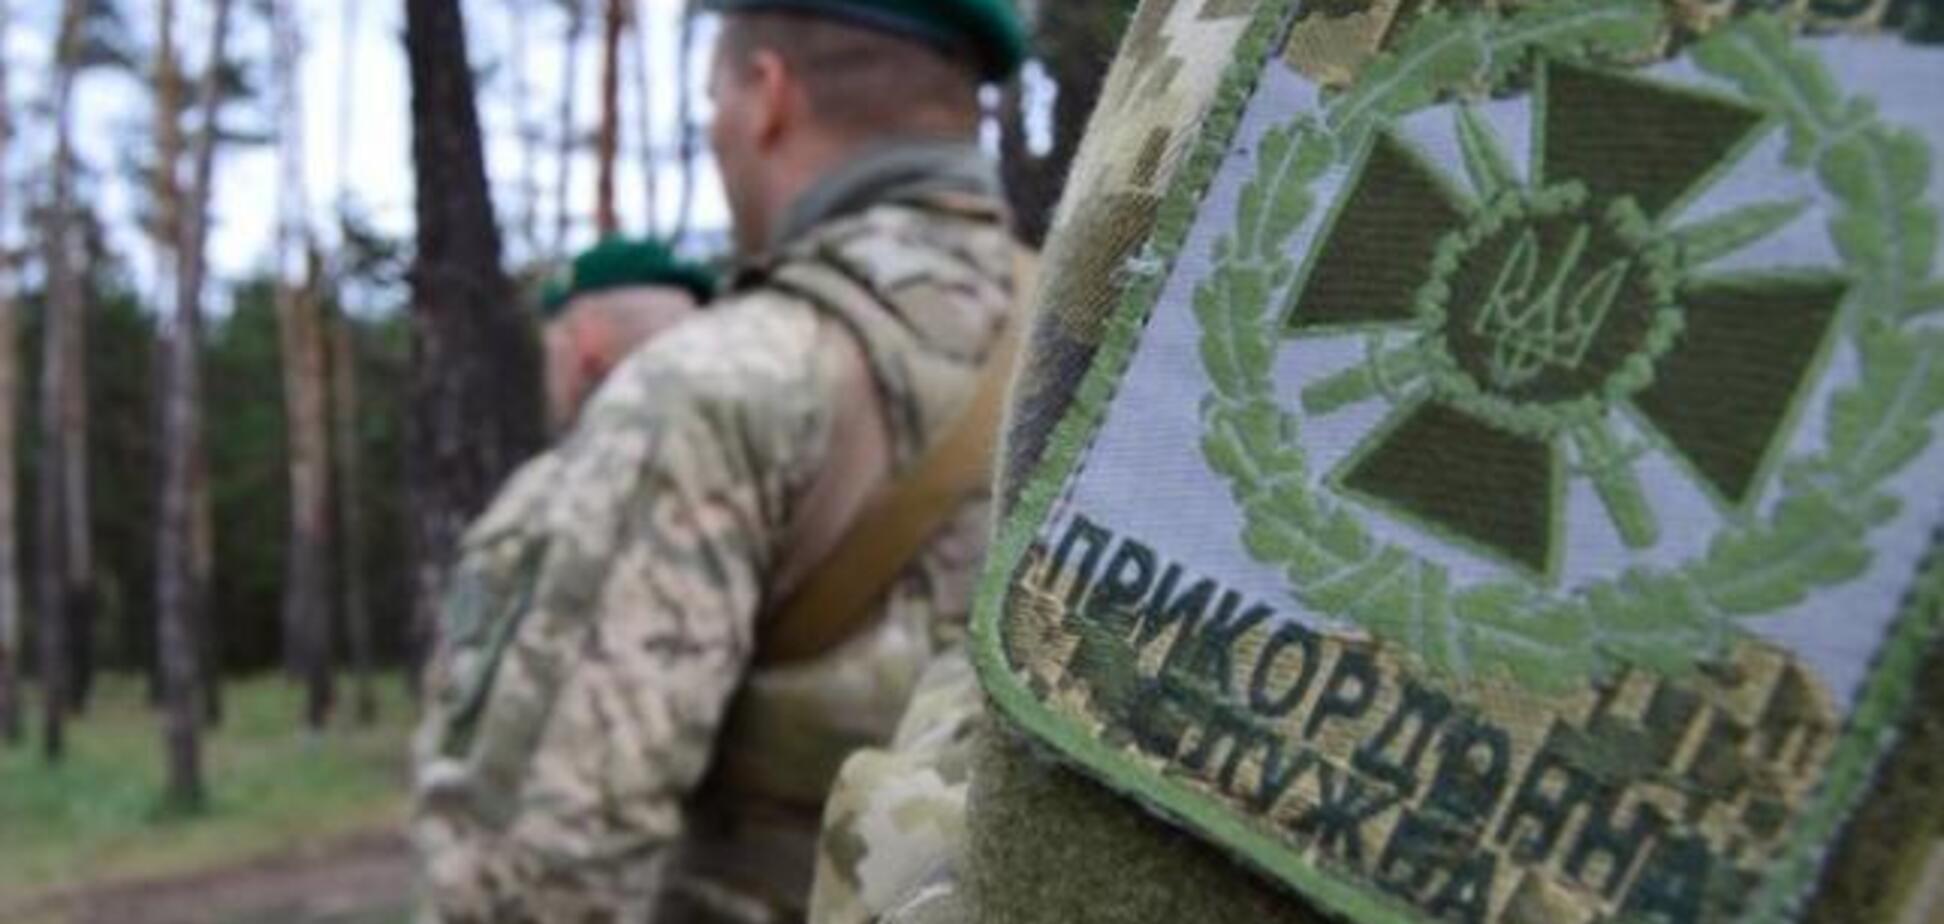 Україна раптово вирішила посилити охорону кордонів: що трапилося